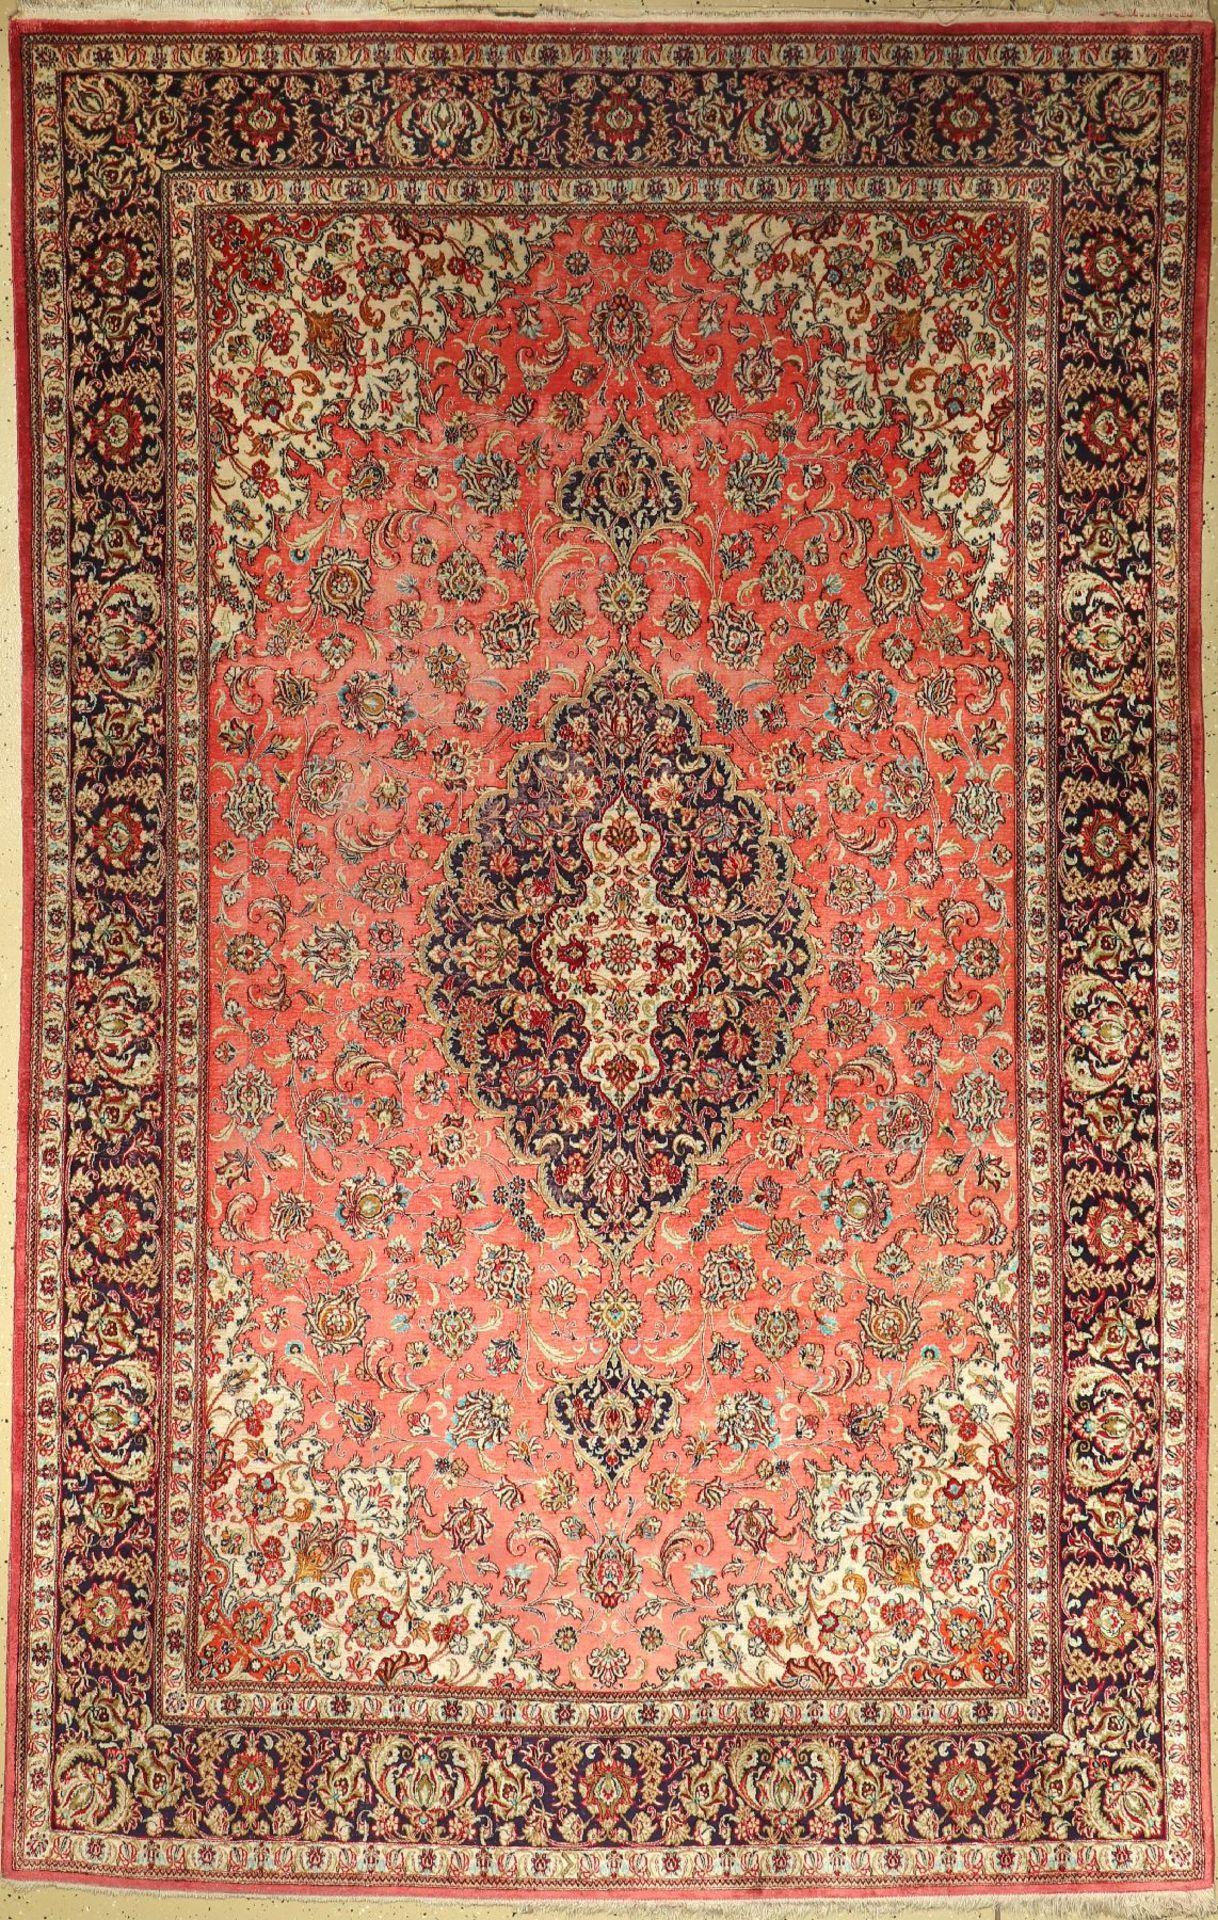 Seiden Ghom, Persien, ca. 40 Jahre, reine Naturseide, ca. 308 x 194 cm, EHZ: 5